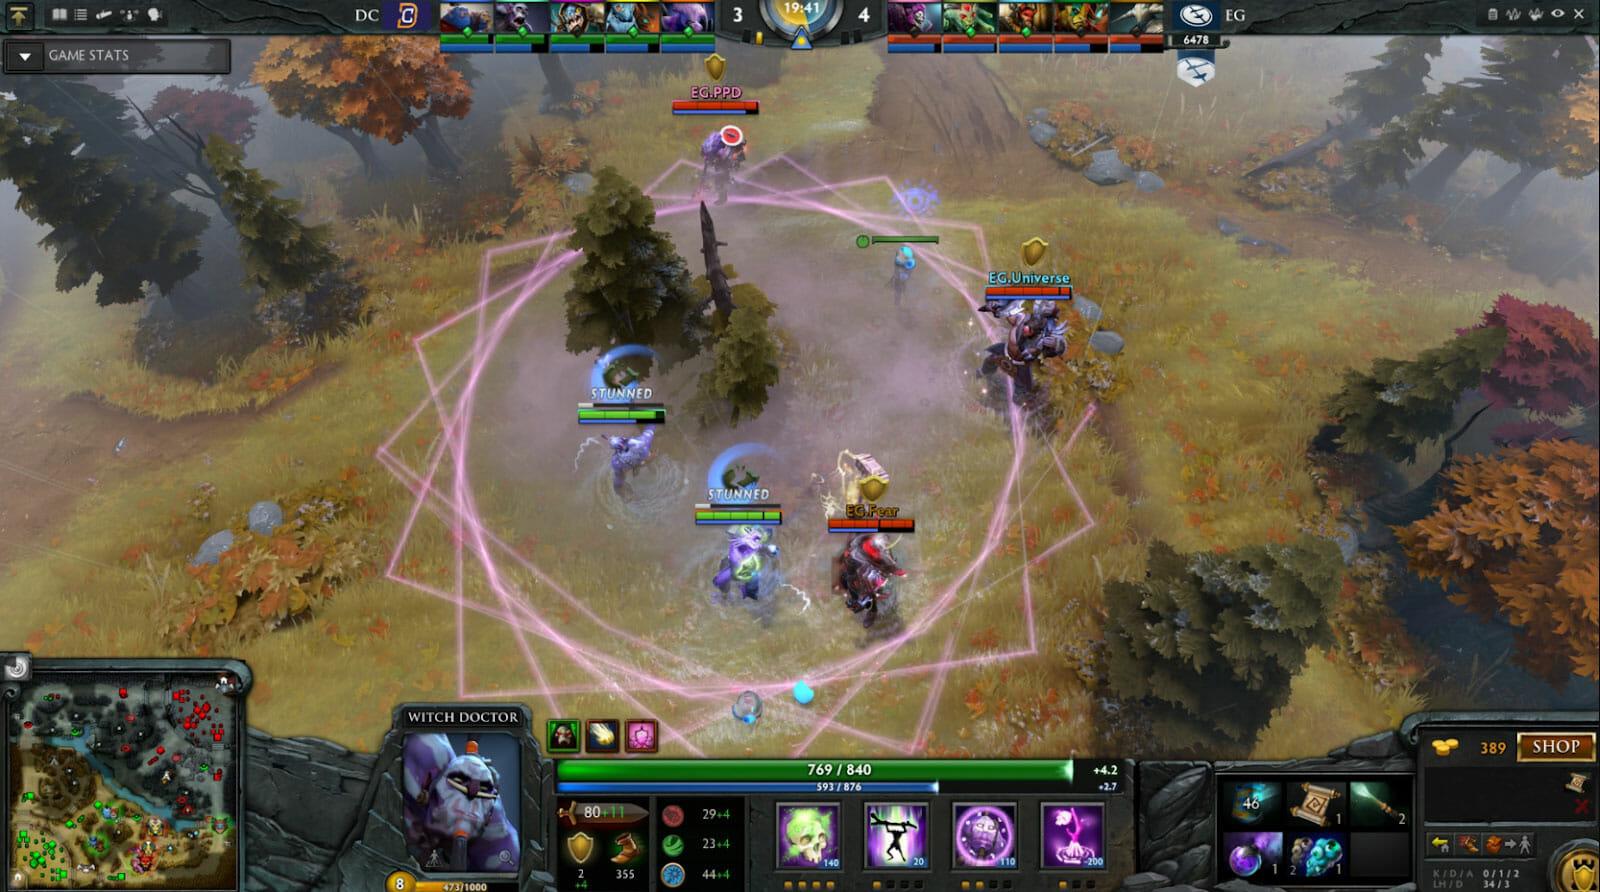 Dota-2 gameplay